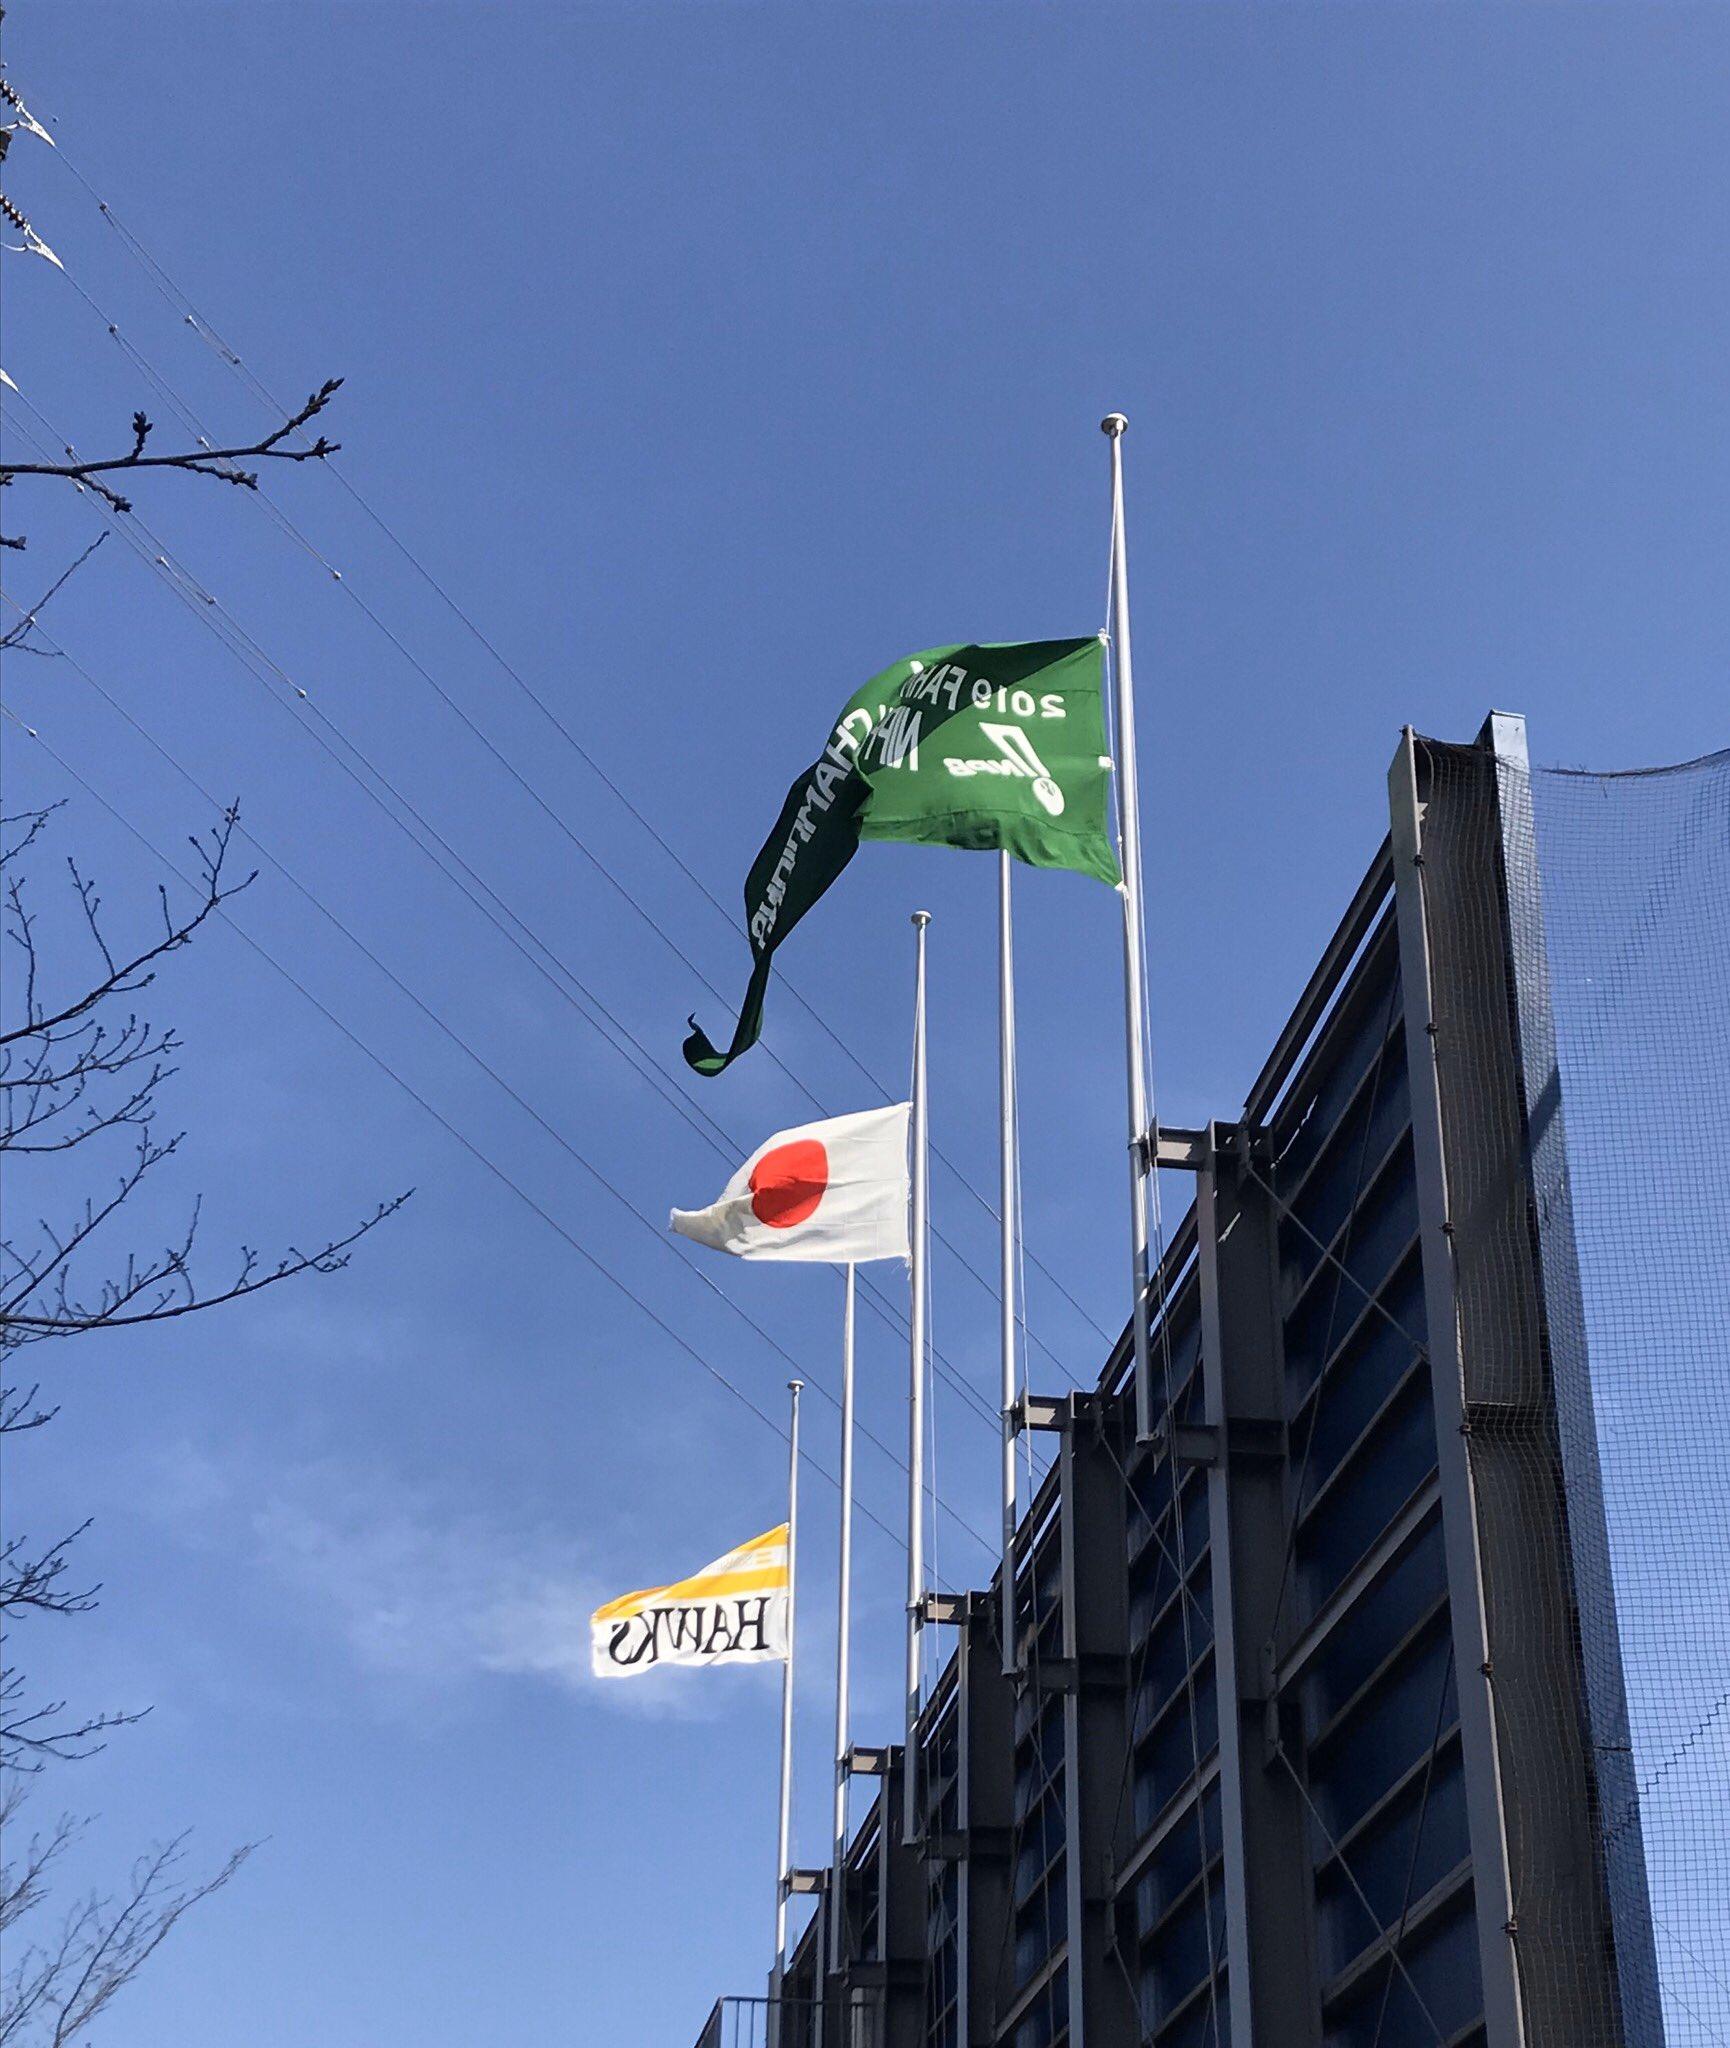 野村克也さんの訃報に接しました。 ホークスのキャンプ地でも半旗が掲げられています。 選手としてのご功績はもちろん、ストライキの末に誕生した楽天イーグルスでのご尽力にも深い敬意を表するとともに、心からご冥福をお祈り申し上げます。